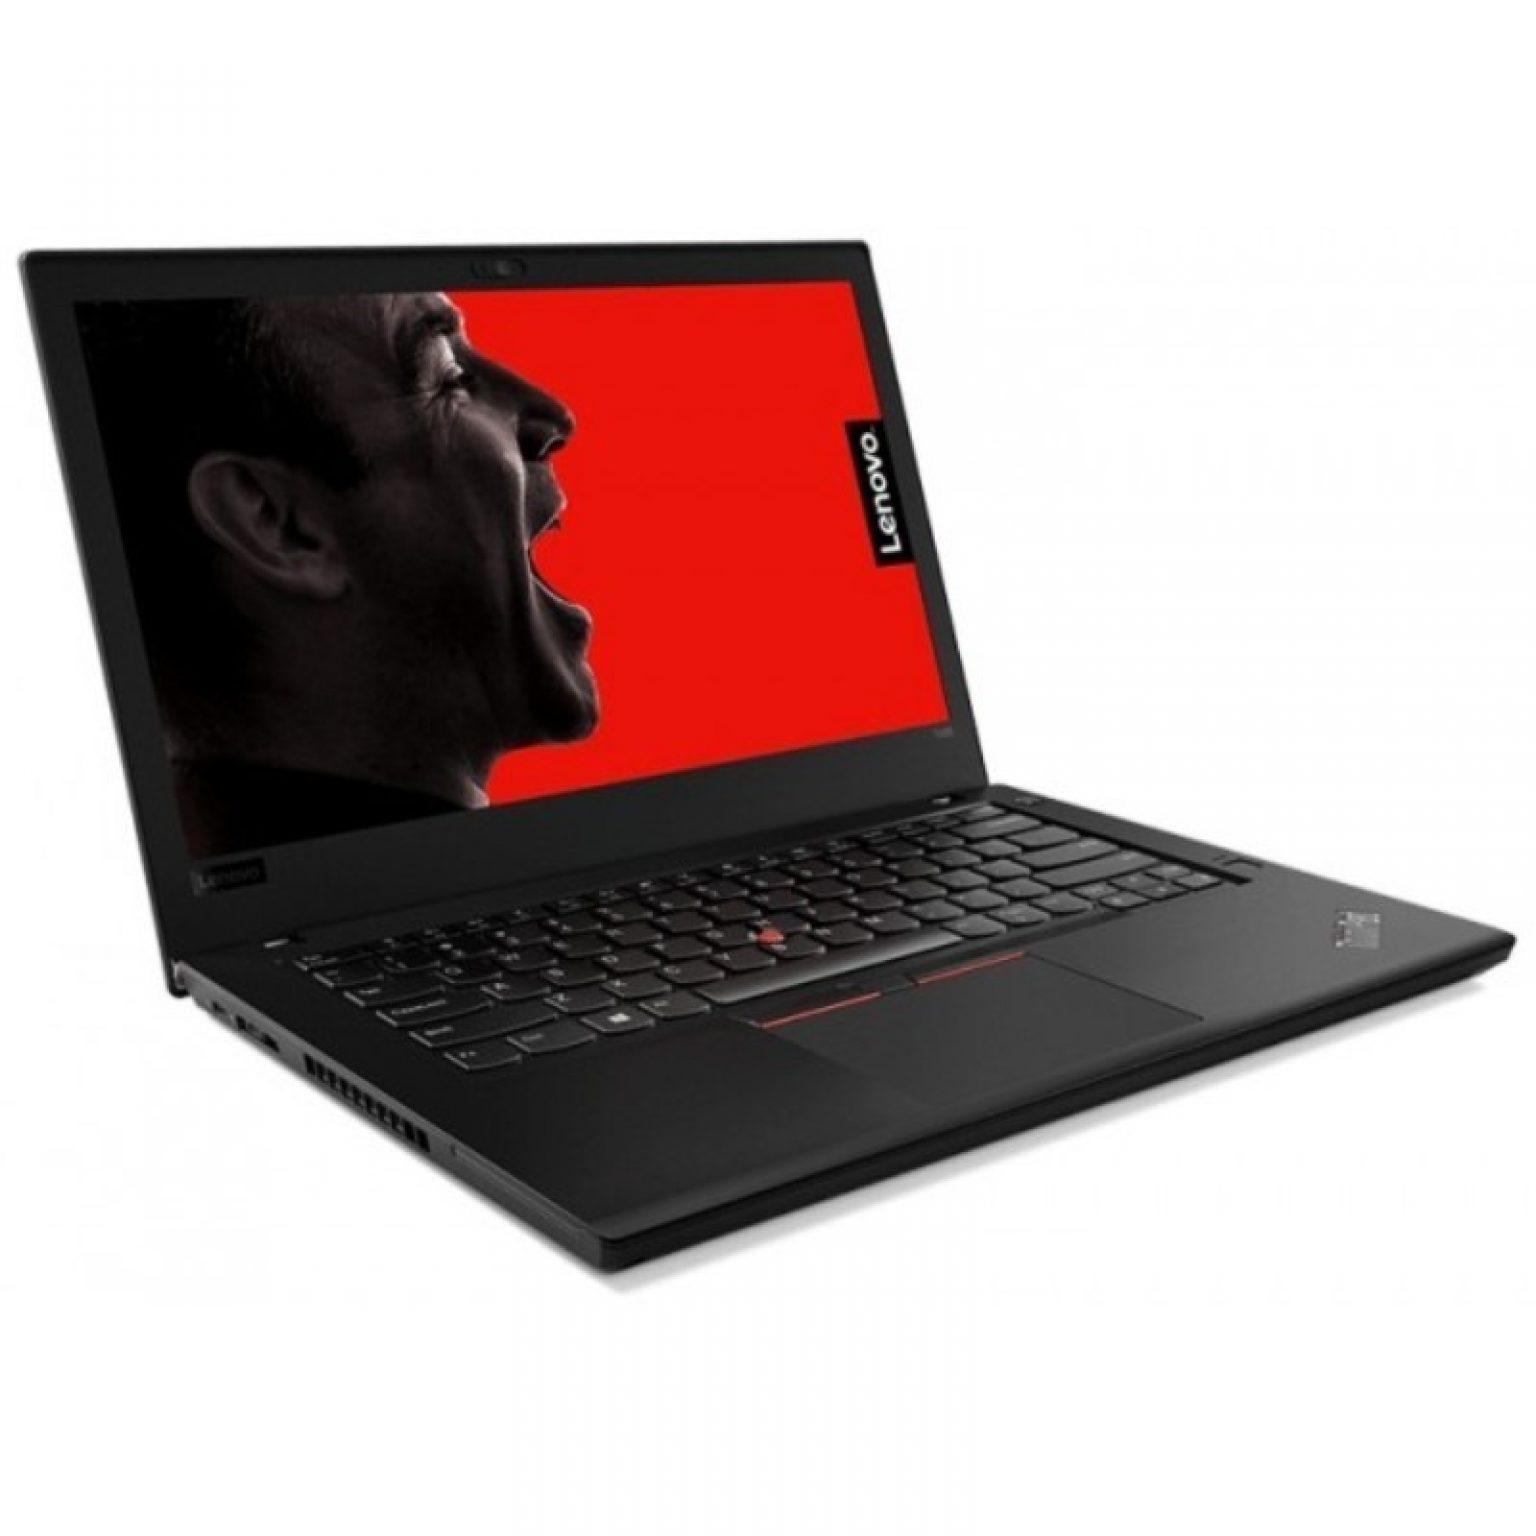 LENOVO - Laptop ThinkPad T480-JID (i7-8550U/16GB DDR4/512GB SSD/UHD Graphics/14inch/Win10P) [20L5A02JID  - 0B95518 - 5WS0K61993]